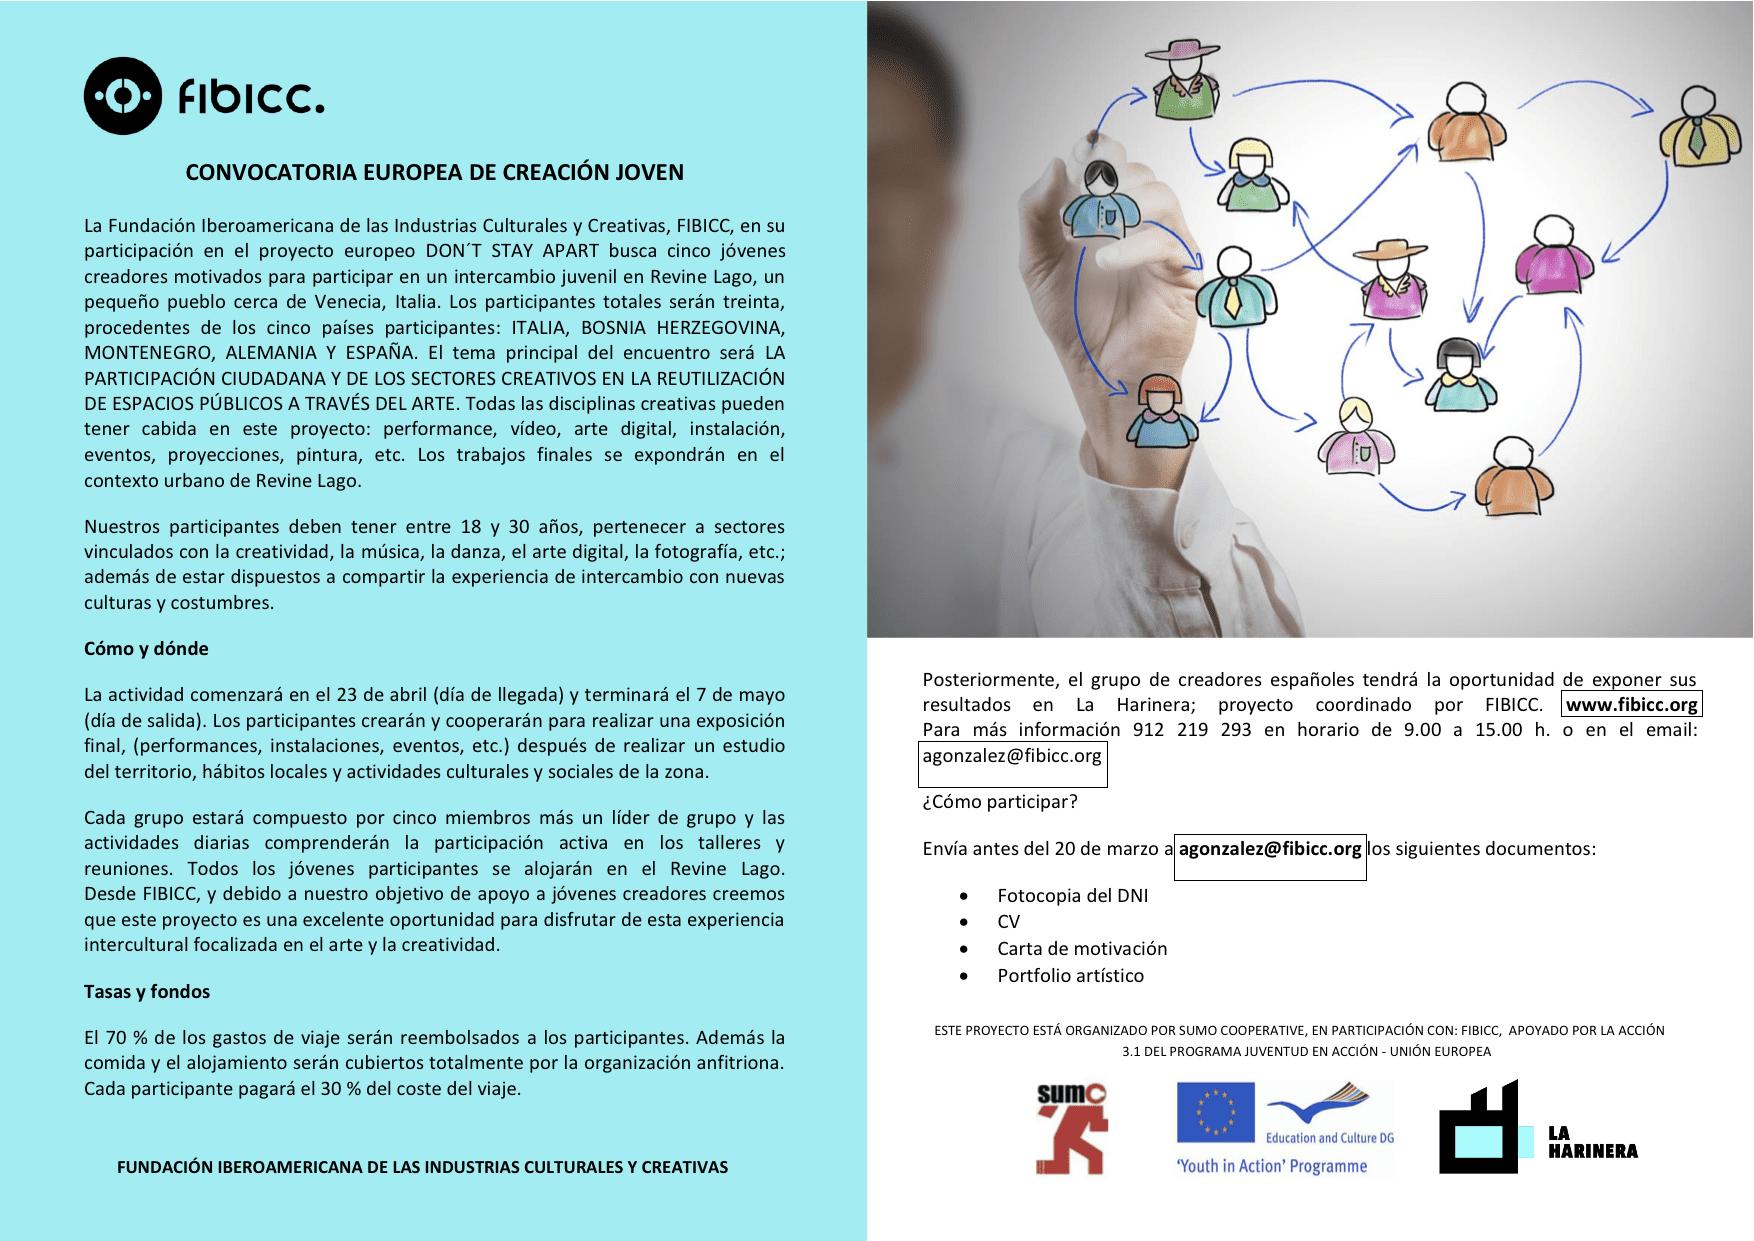 CONVOCATORIA EUROPEA CREACIÓN JOVEN - FIBICC